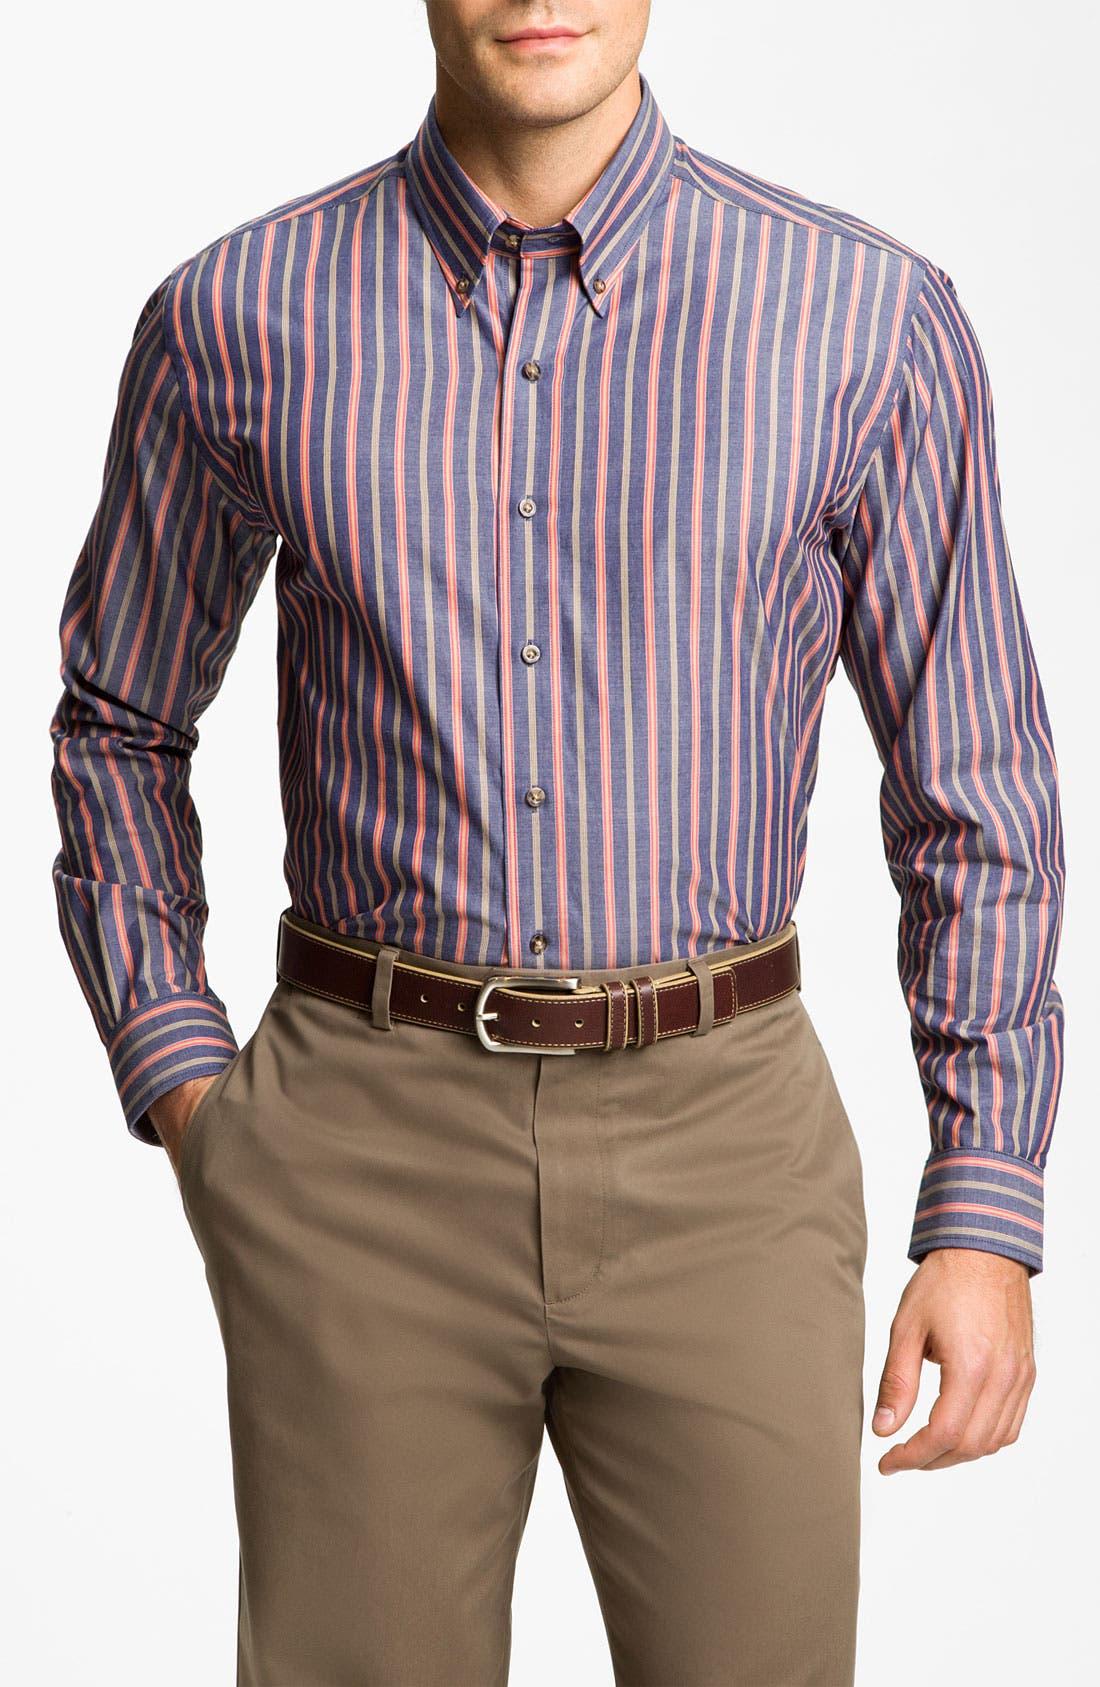 Main Image - Cutter & Buck 'Harvest' Stripe Sport Shirt (Big & Tall) (Online Only)